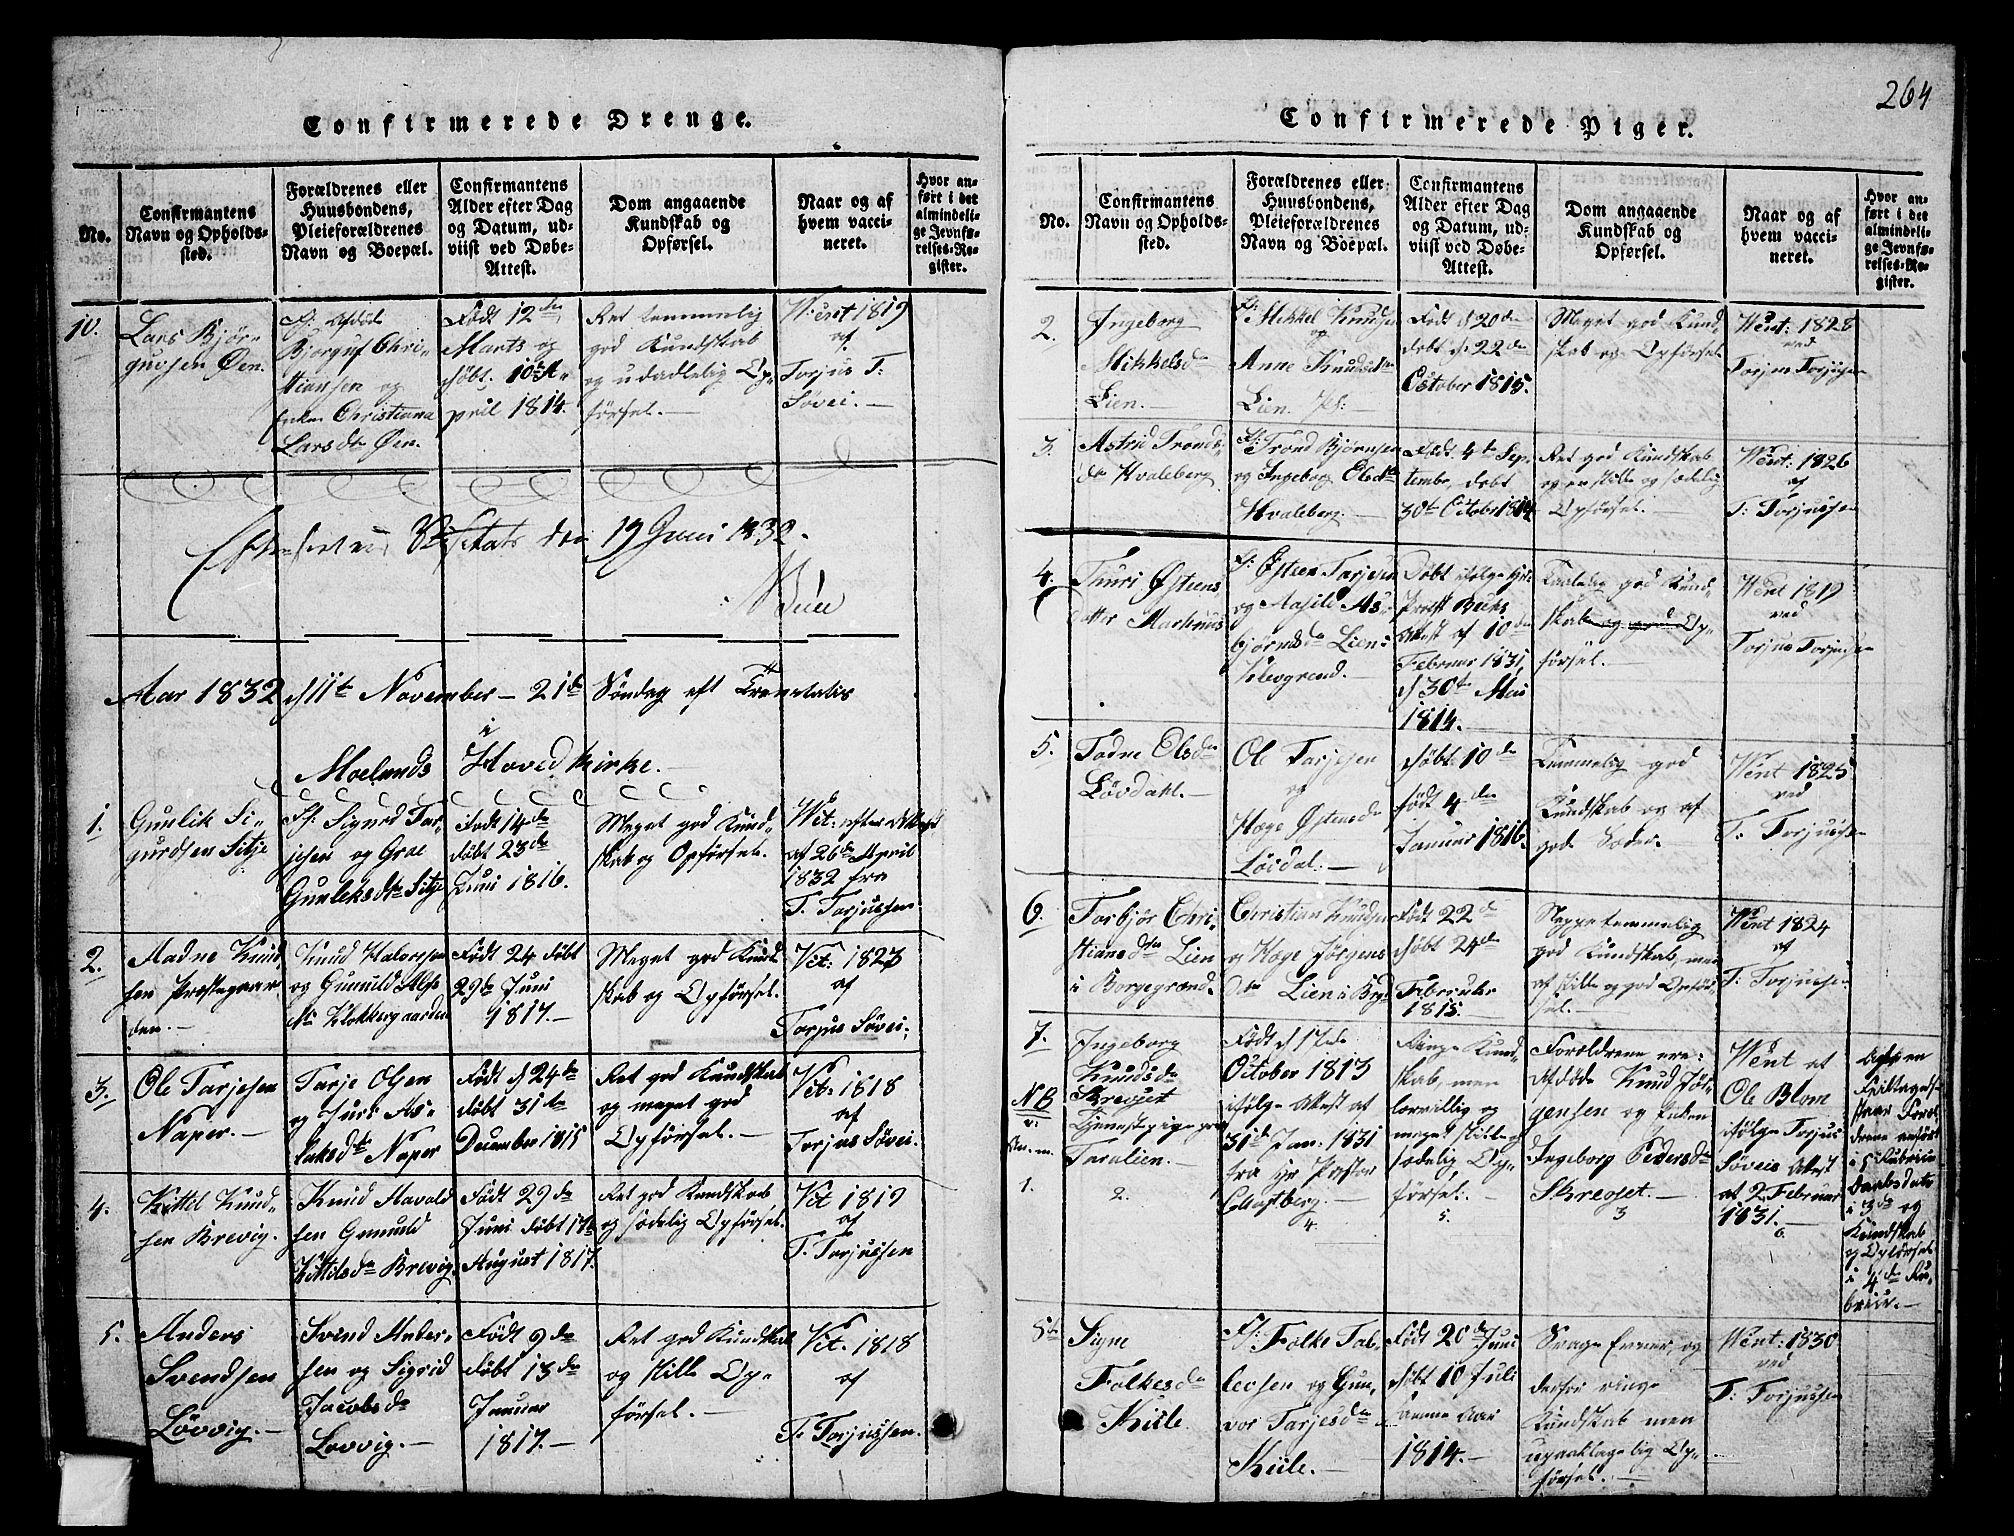 SAKO, Fyresdal kirkebøker, G/Ga/L0001: Klokkerbok nr. I 1, 1816-1840, s. 264